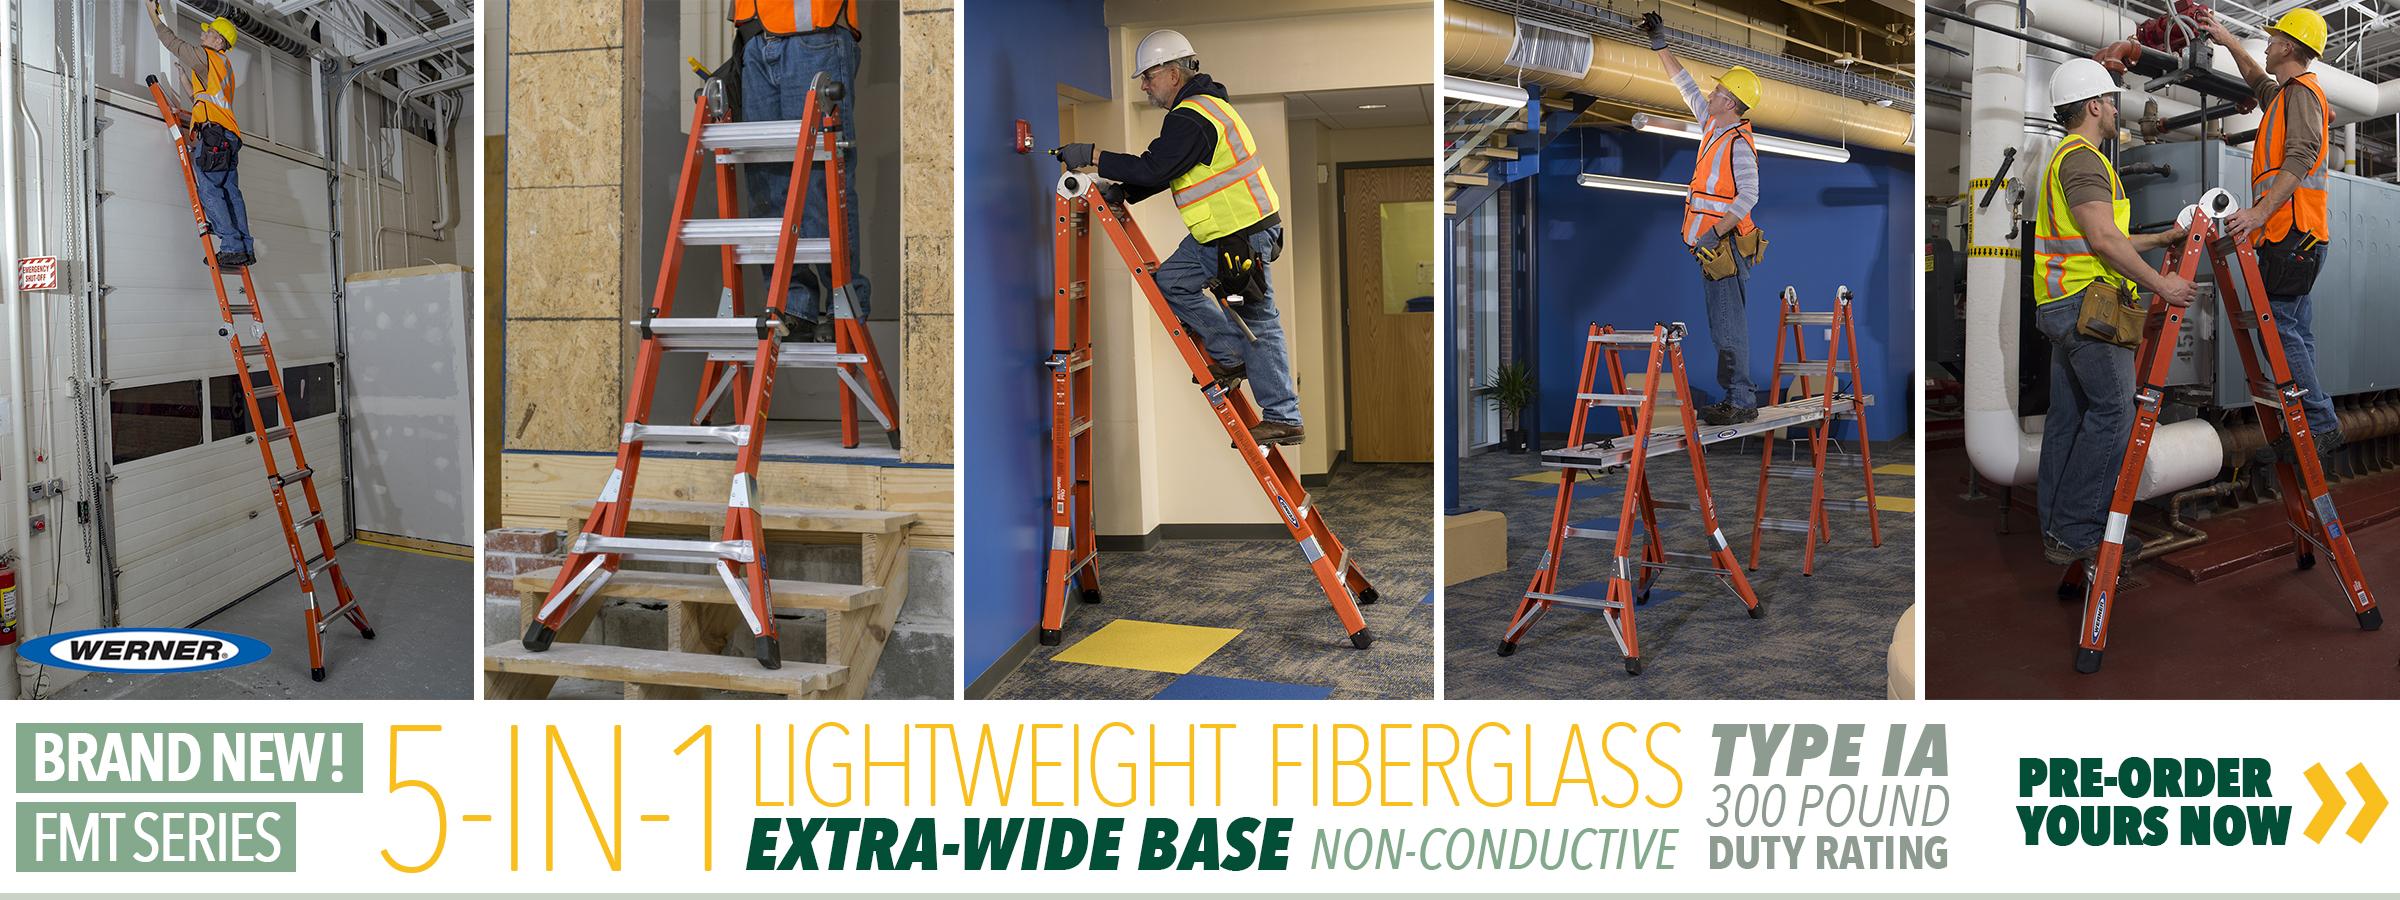 NEW Werner FMT Series 5-in-1 Ladder